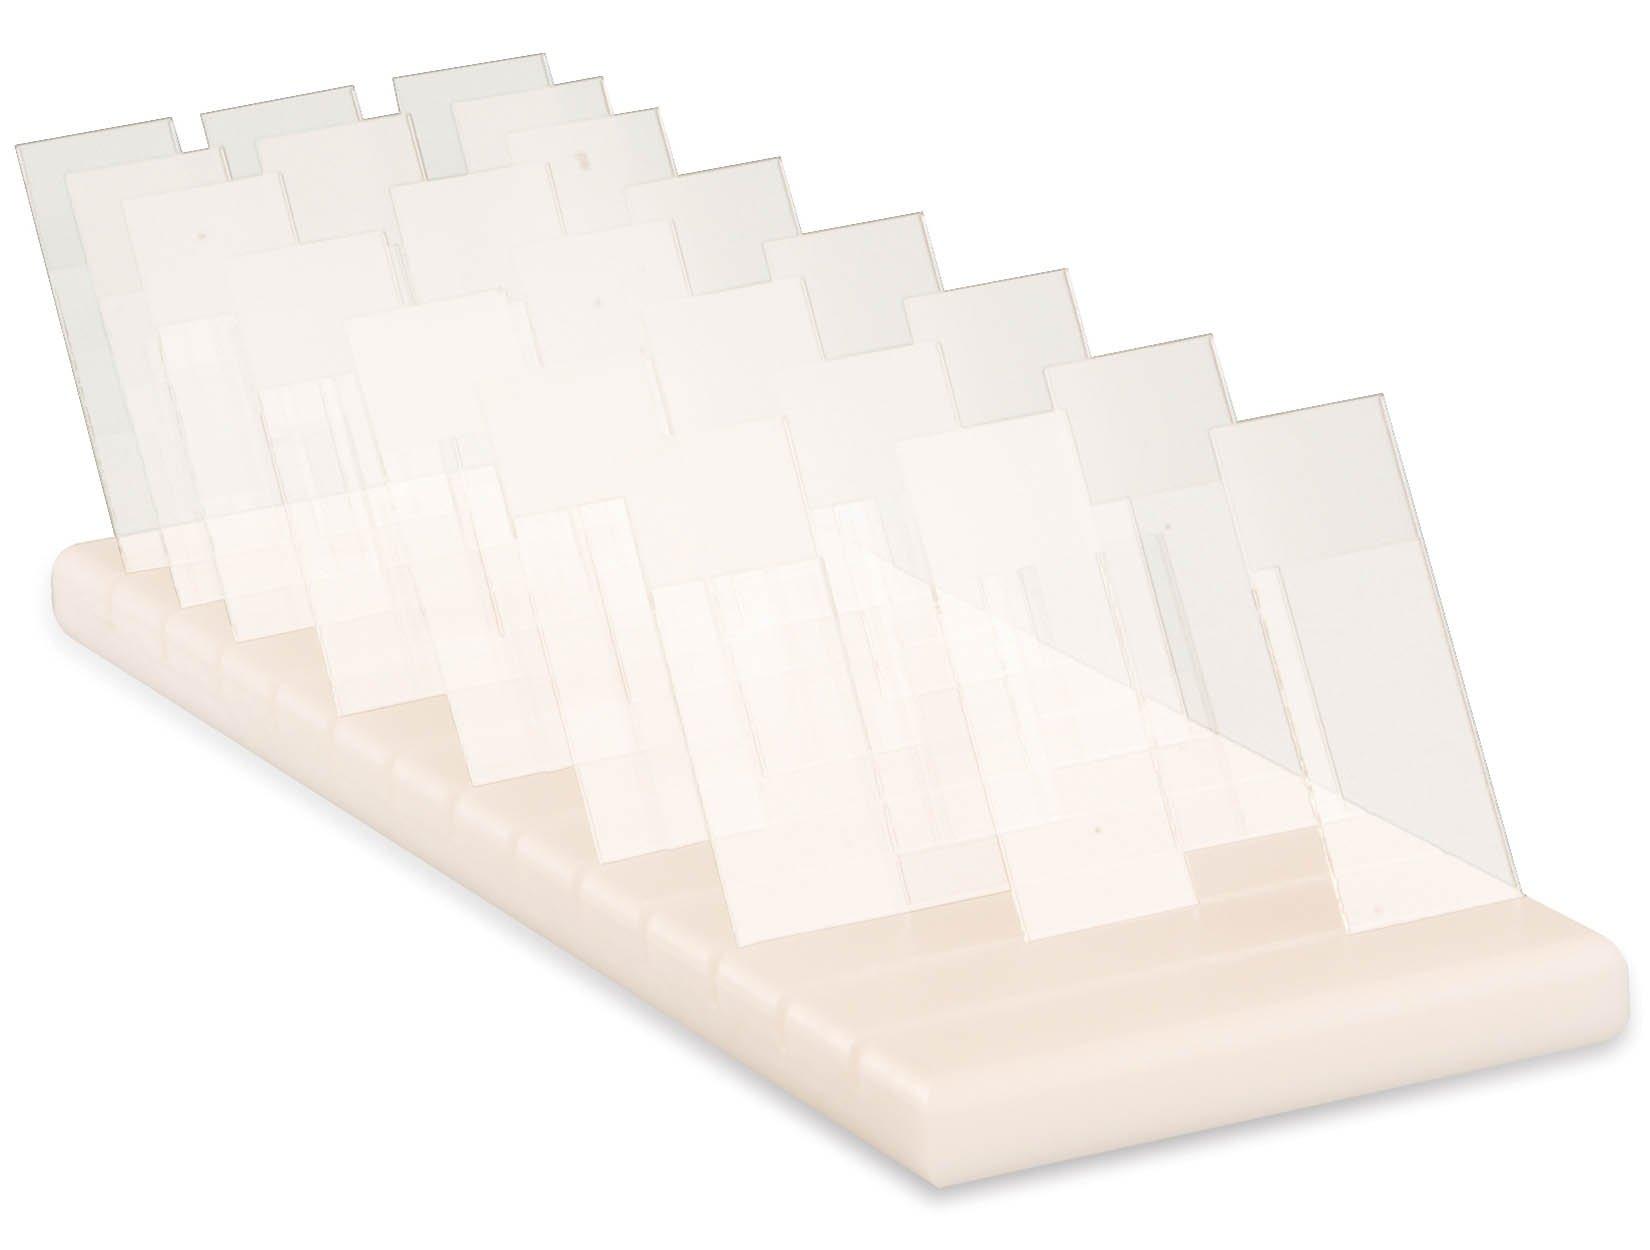 Polyethylene Slide Holders - Capacity 40 Slides